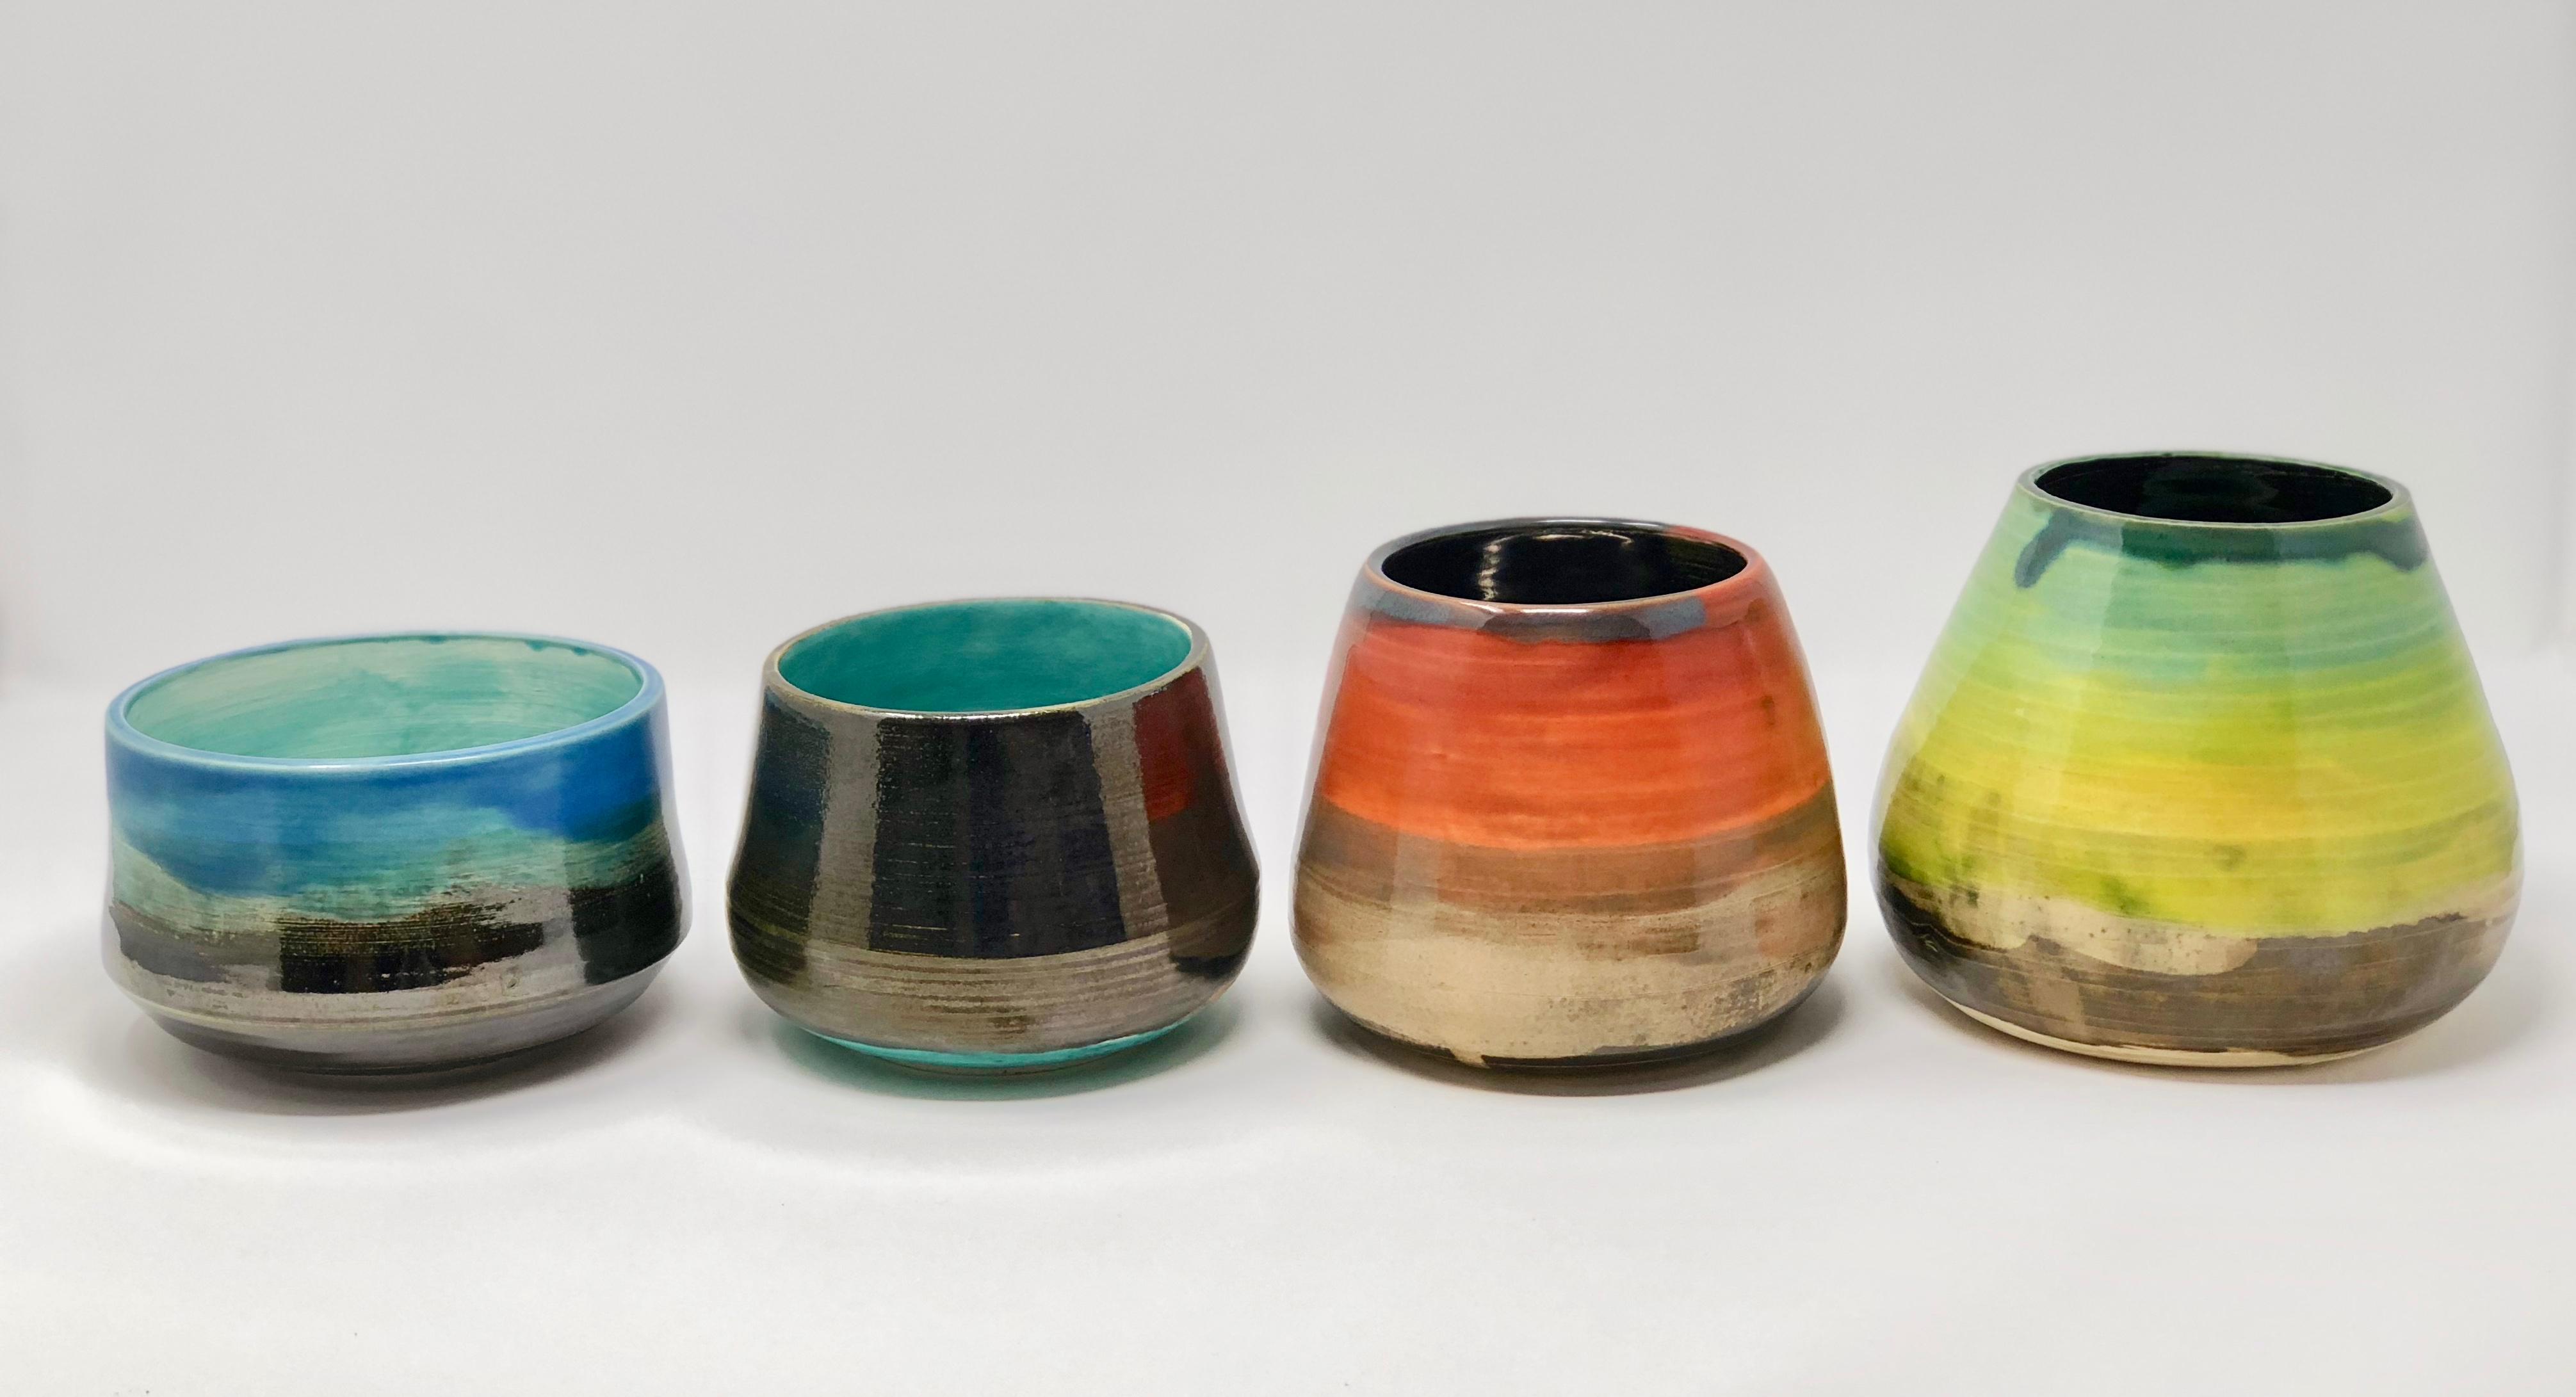 Landscape pottery pots